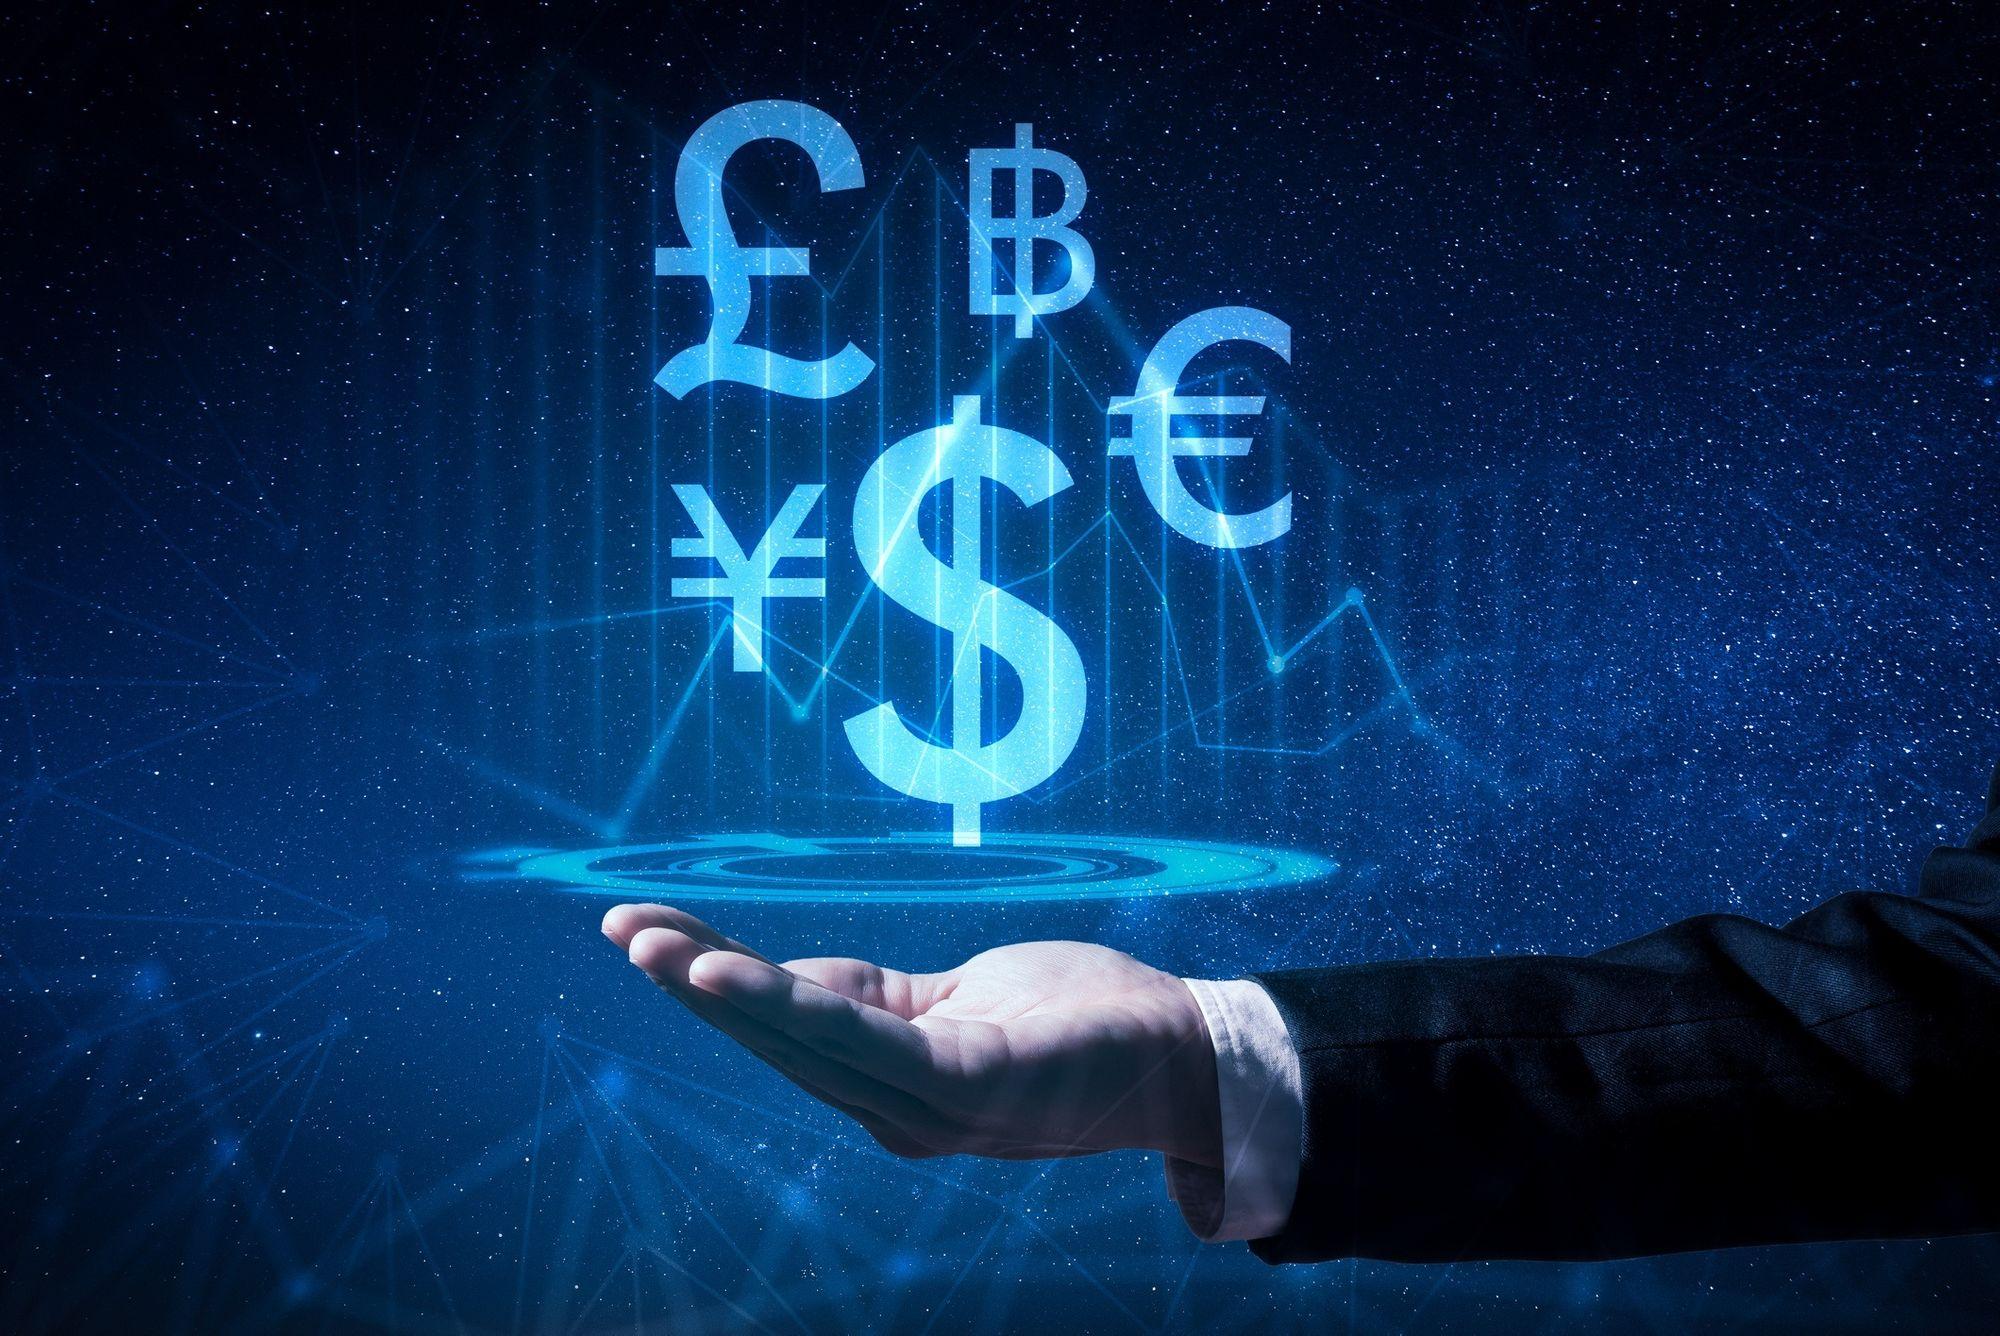 Số dư, Vốn luân chuyển và Tiền ký quỹ khả dụng - Money24h